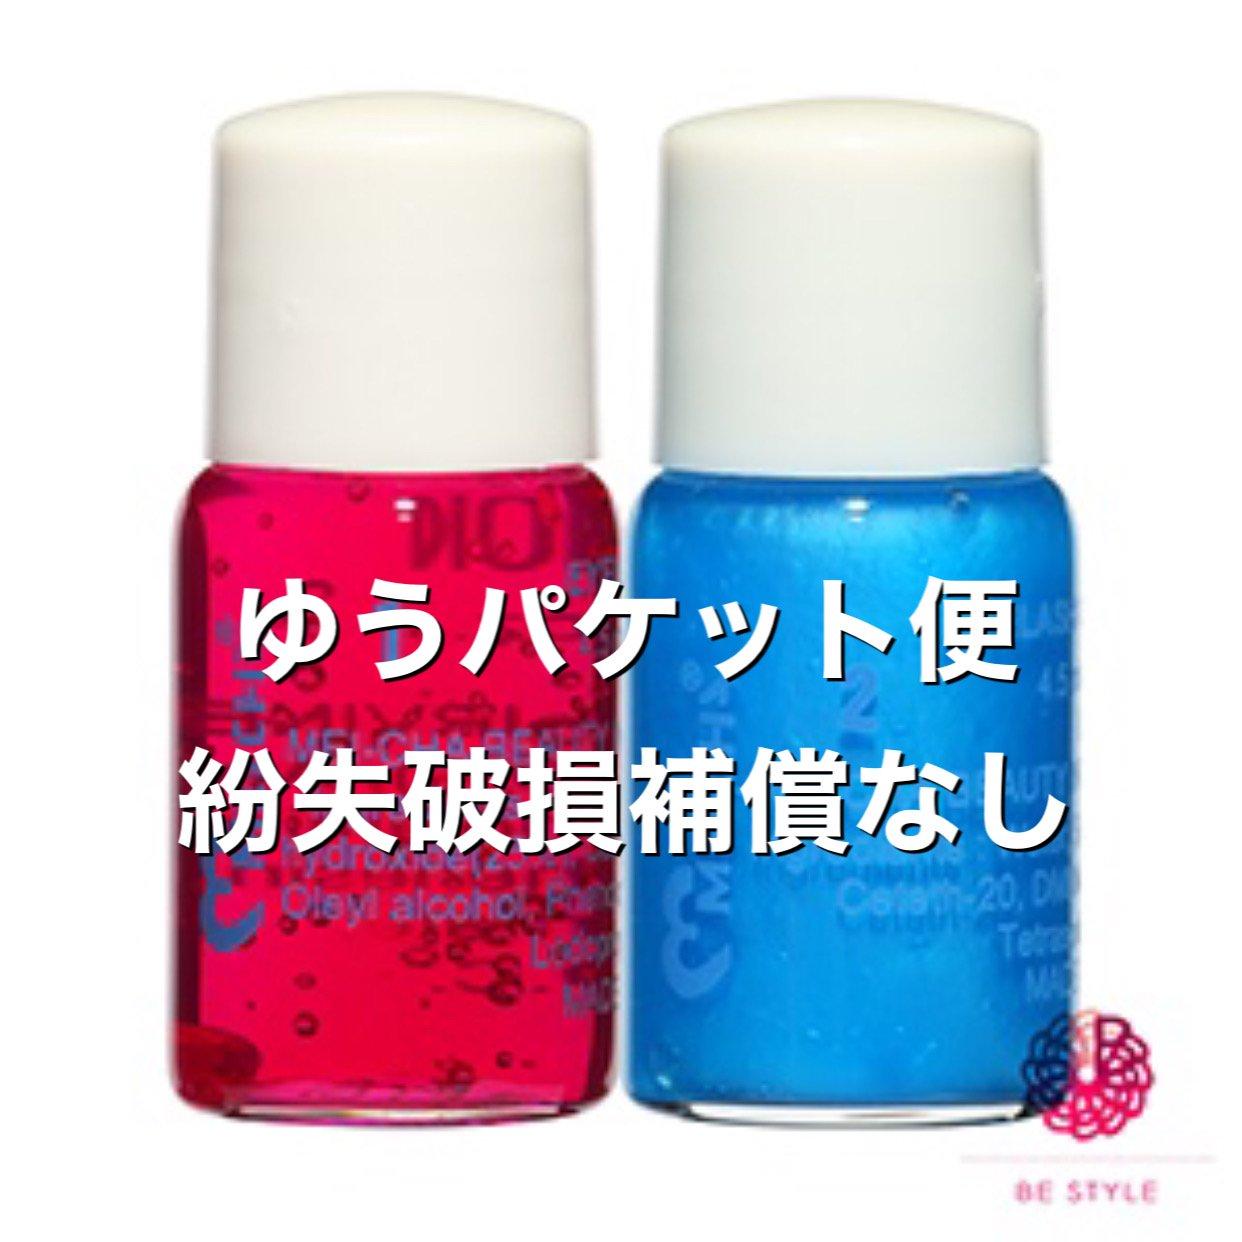 【正規品】メイチャまつ毛パーマ1液2液セット